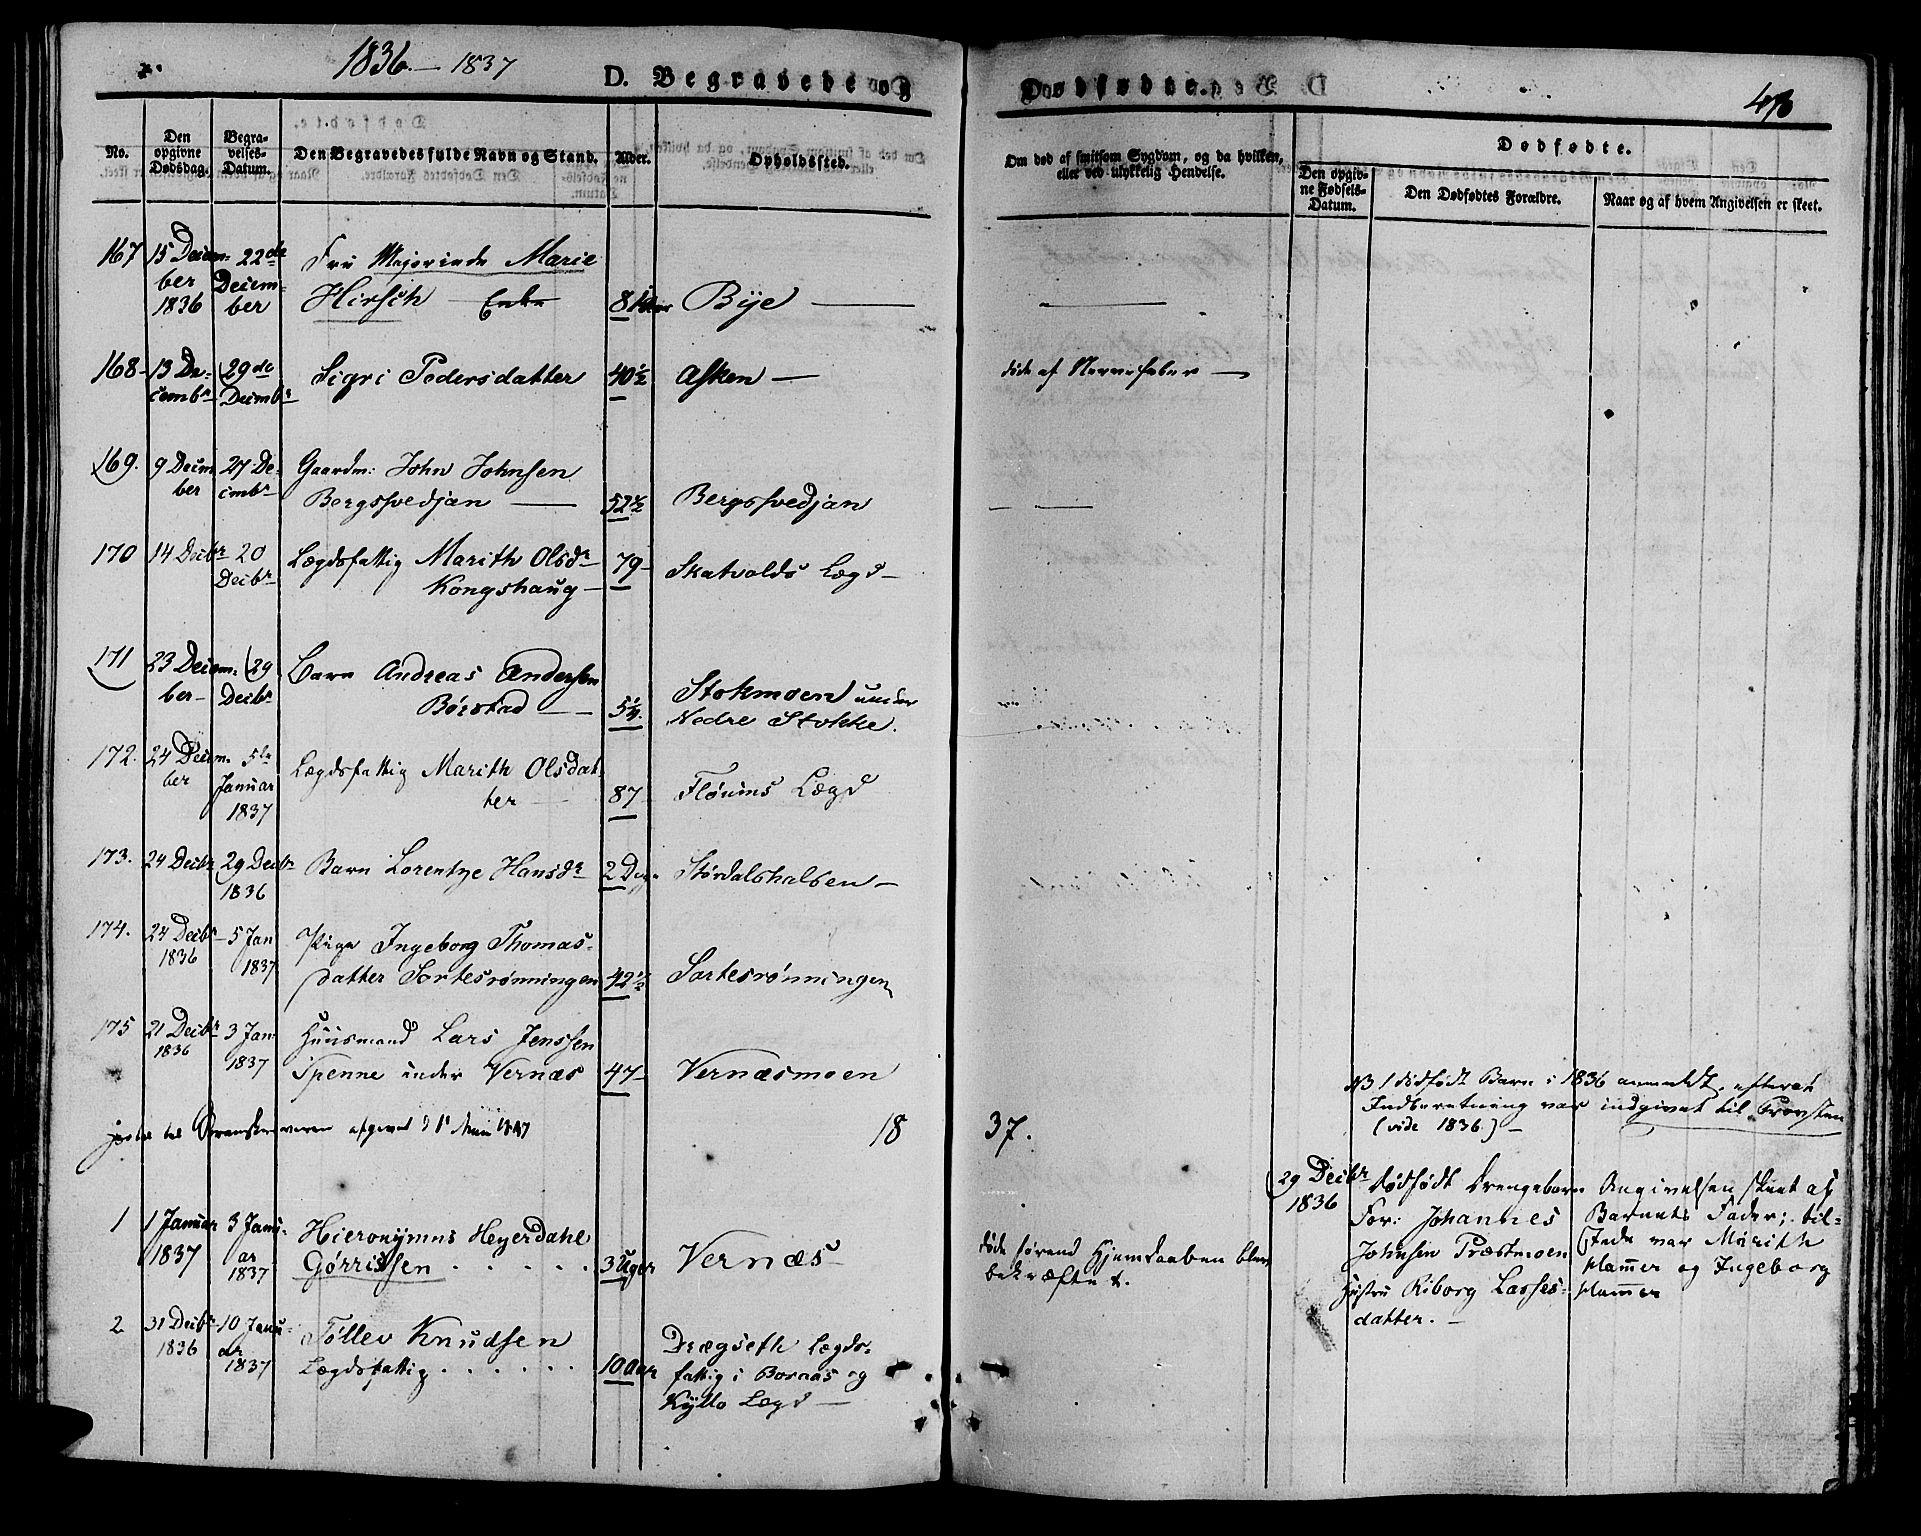 SAT, Ministerialprotokoller, klokkerbøker og fødselsregistre - Nord-Trøndelag, 709/L0072: Ministerialbok nr. 709A12, 1833-1844, s. 470